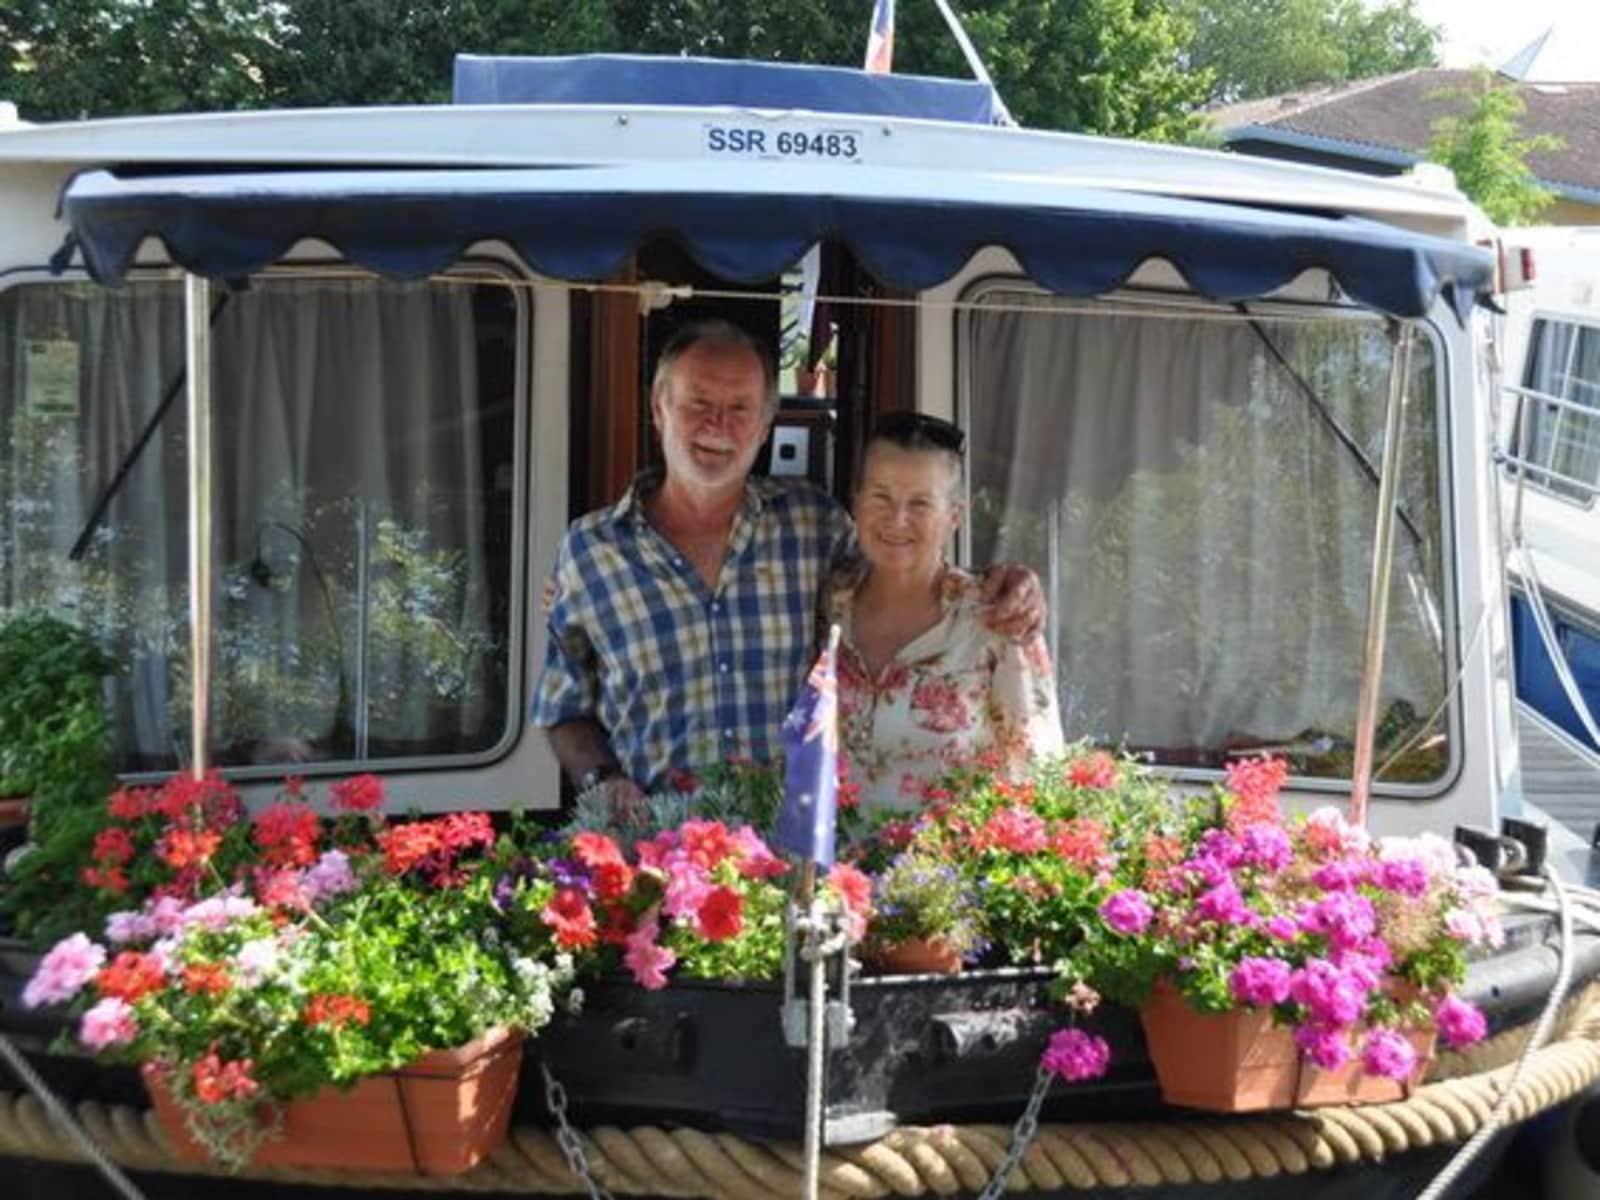 Vicki & Trevor from Roanne, France